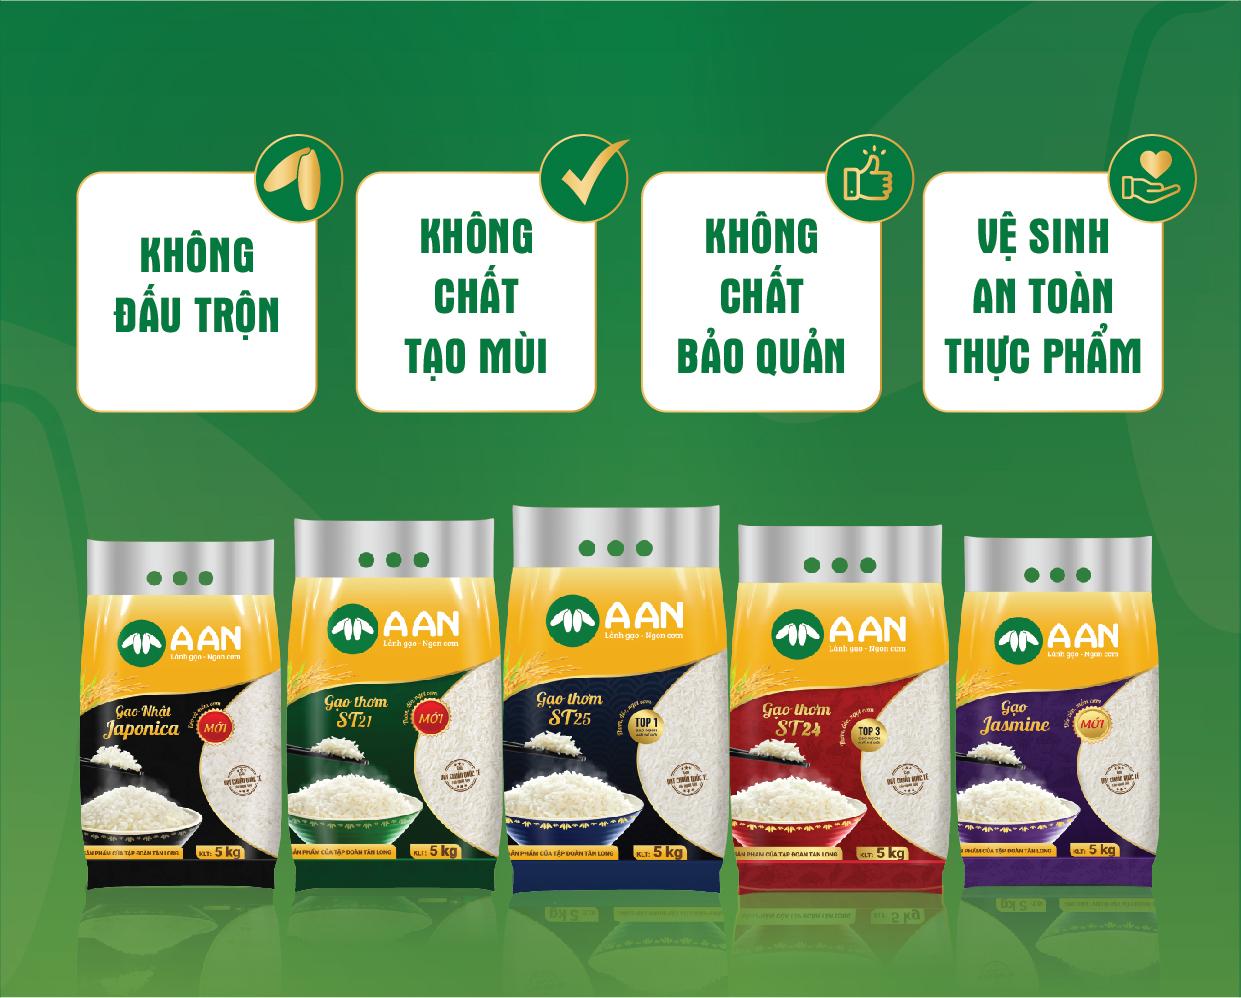 Làm gạo sạch, gạo ngon cho người tiêu dùng Việt 1